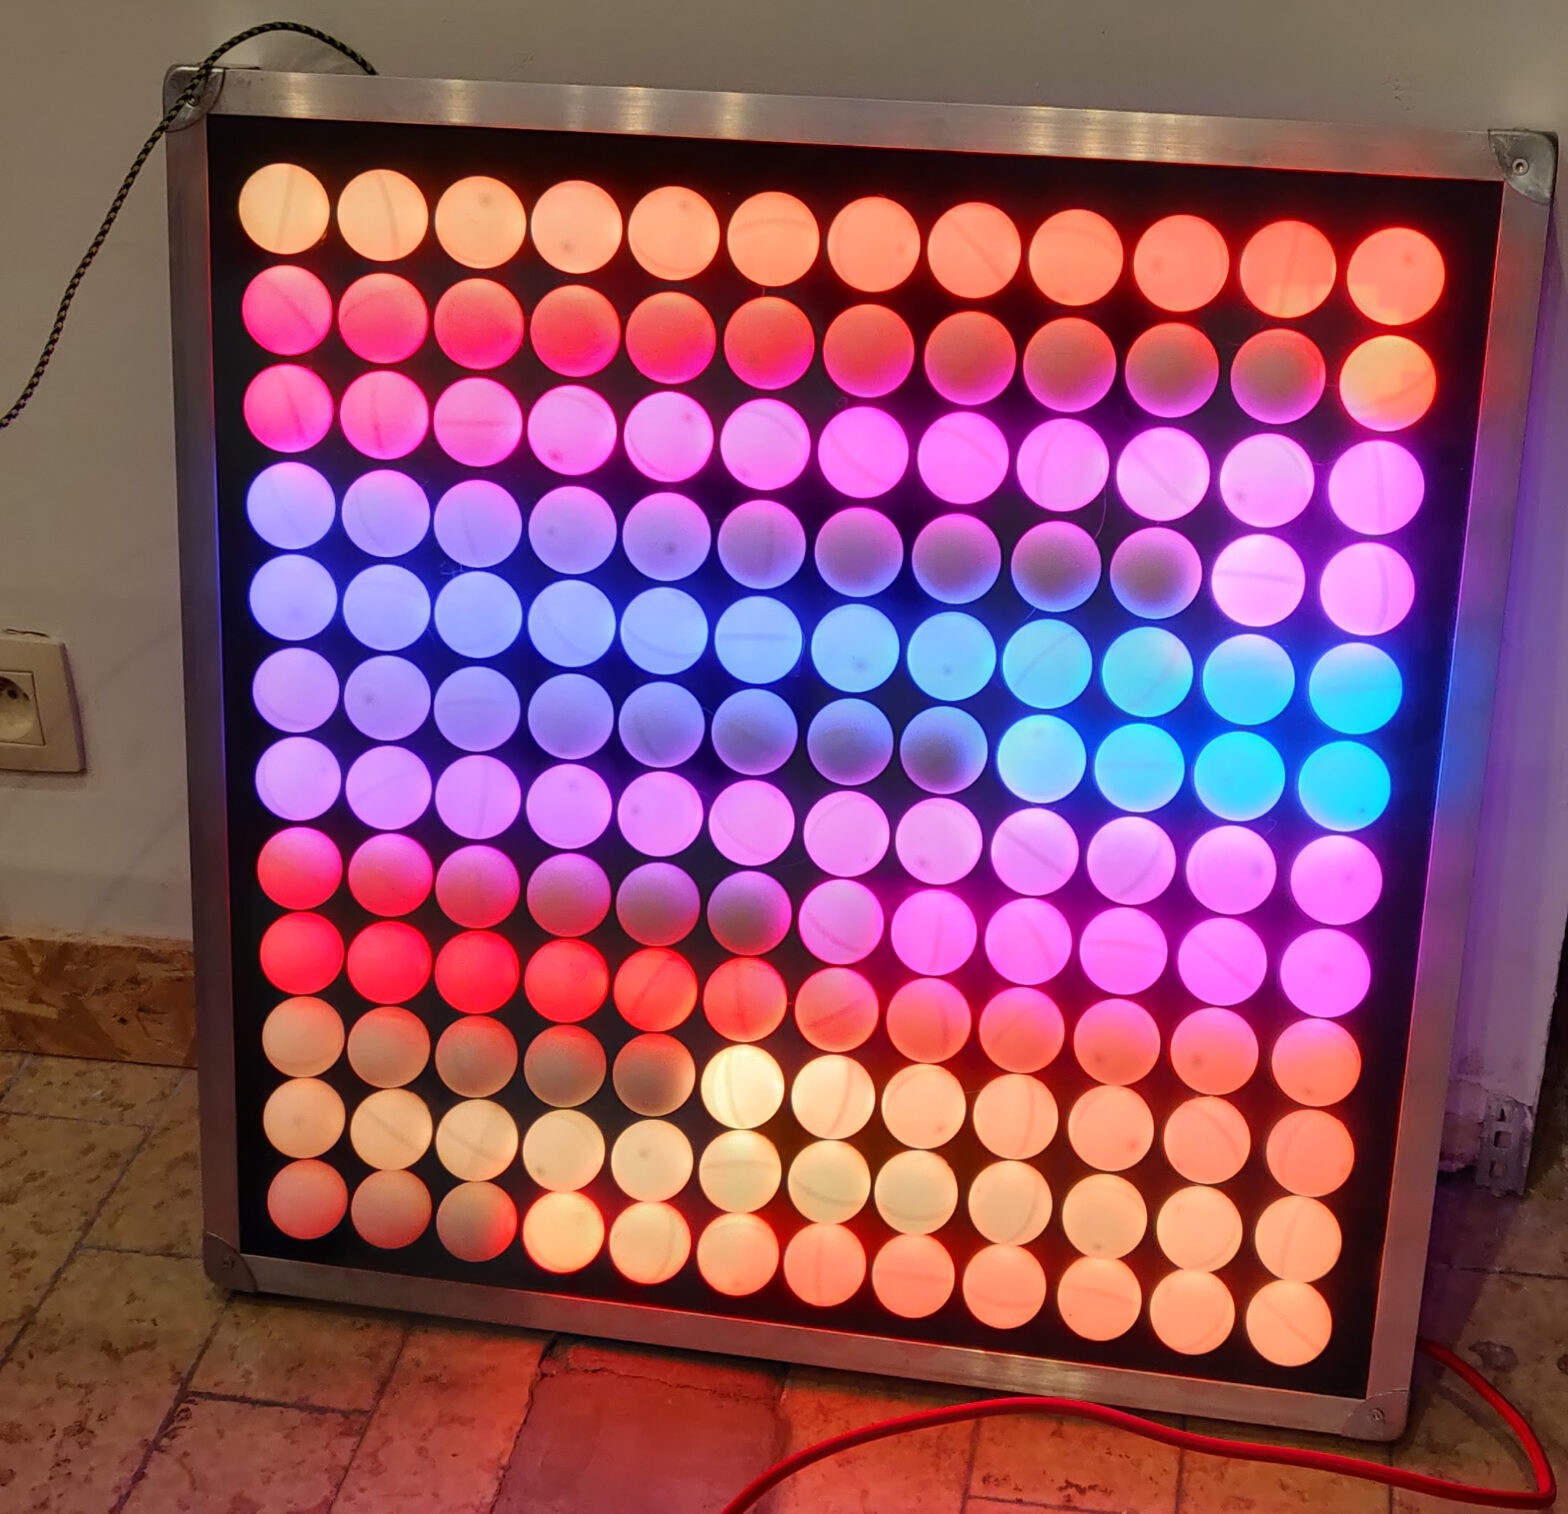 Ping-Pong Matrix